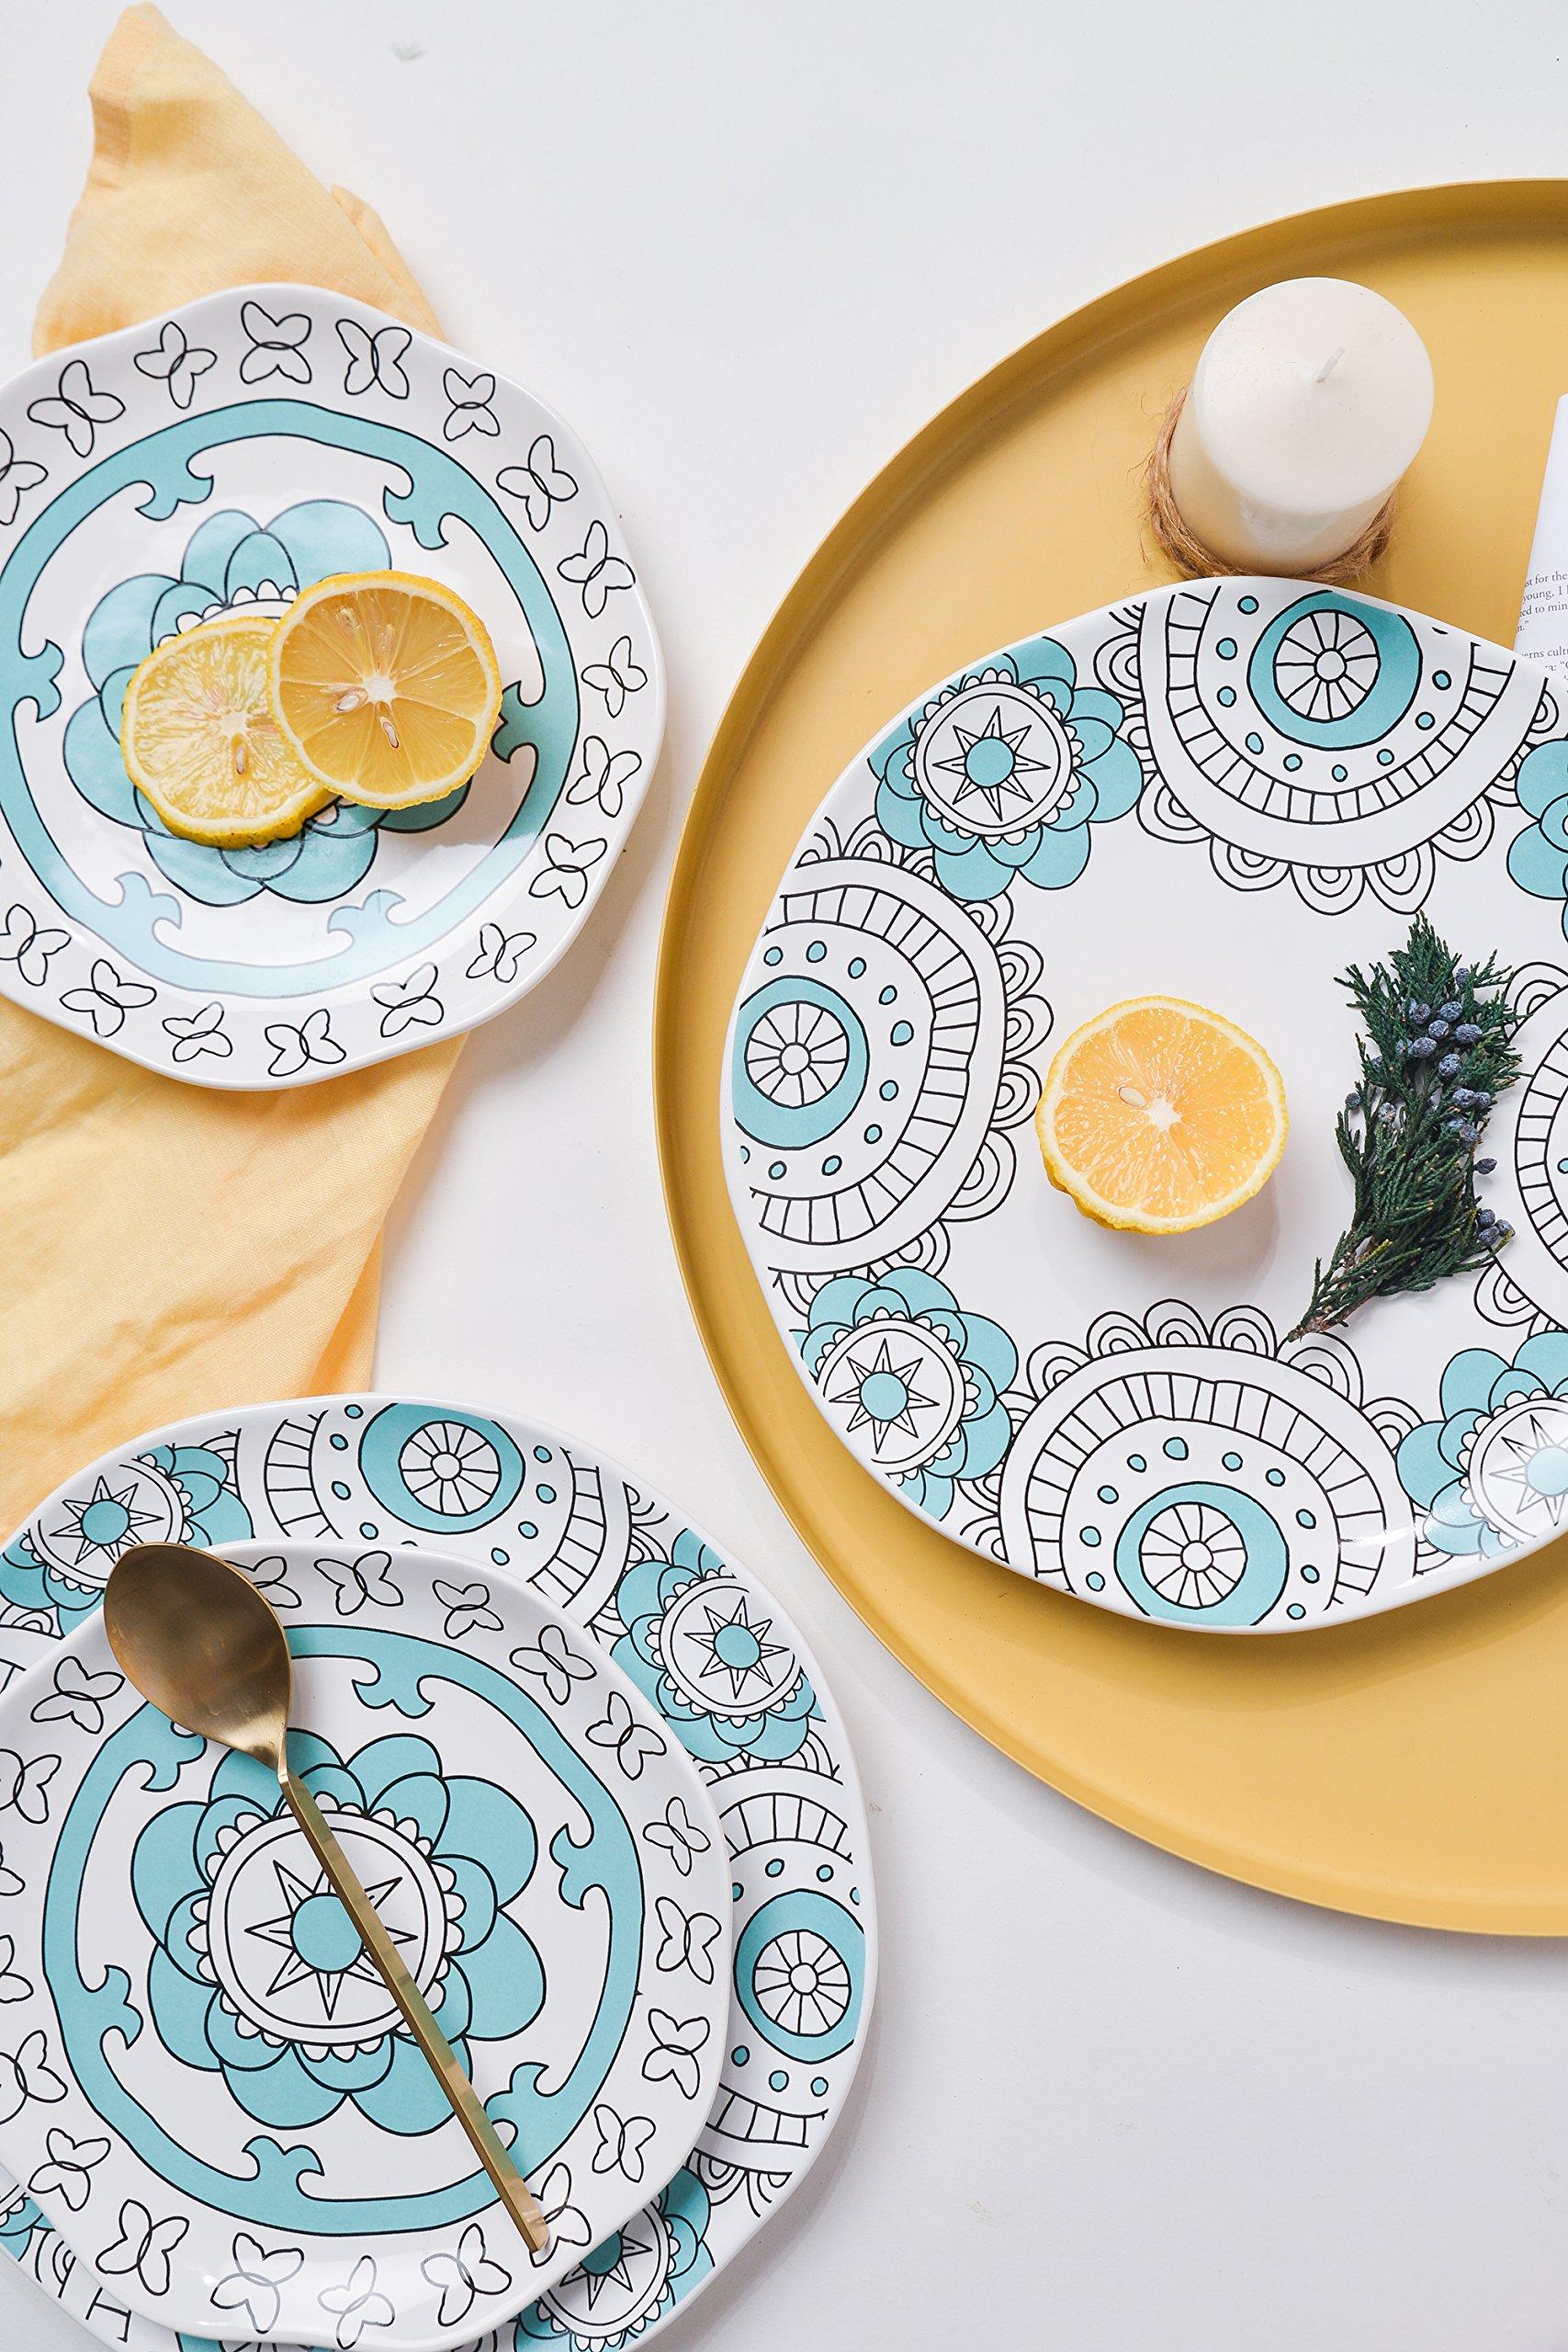 Dinner Plates Appetizer Salad Plate Set 4, Porcelain Mint Blue, Floral Pattern, Accent Serving Plates by LA JOLIE MUSE (Image #4)